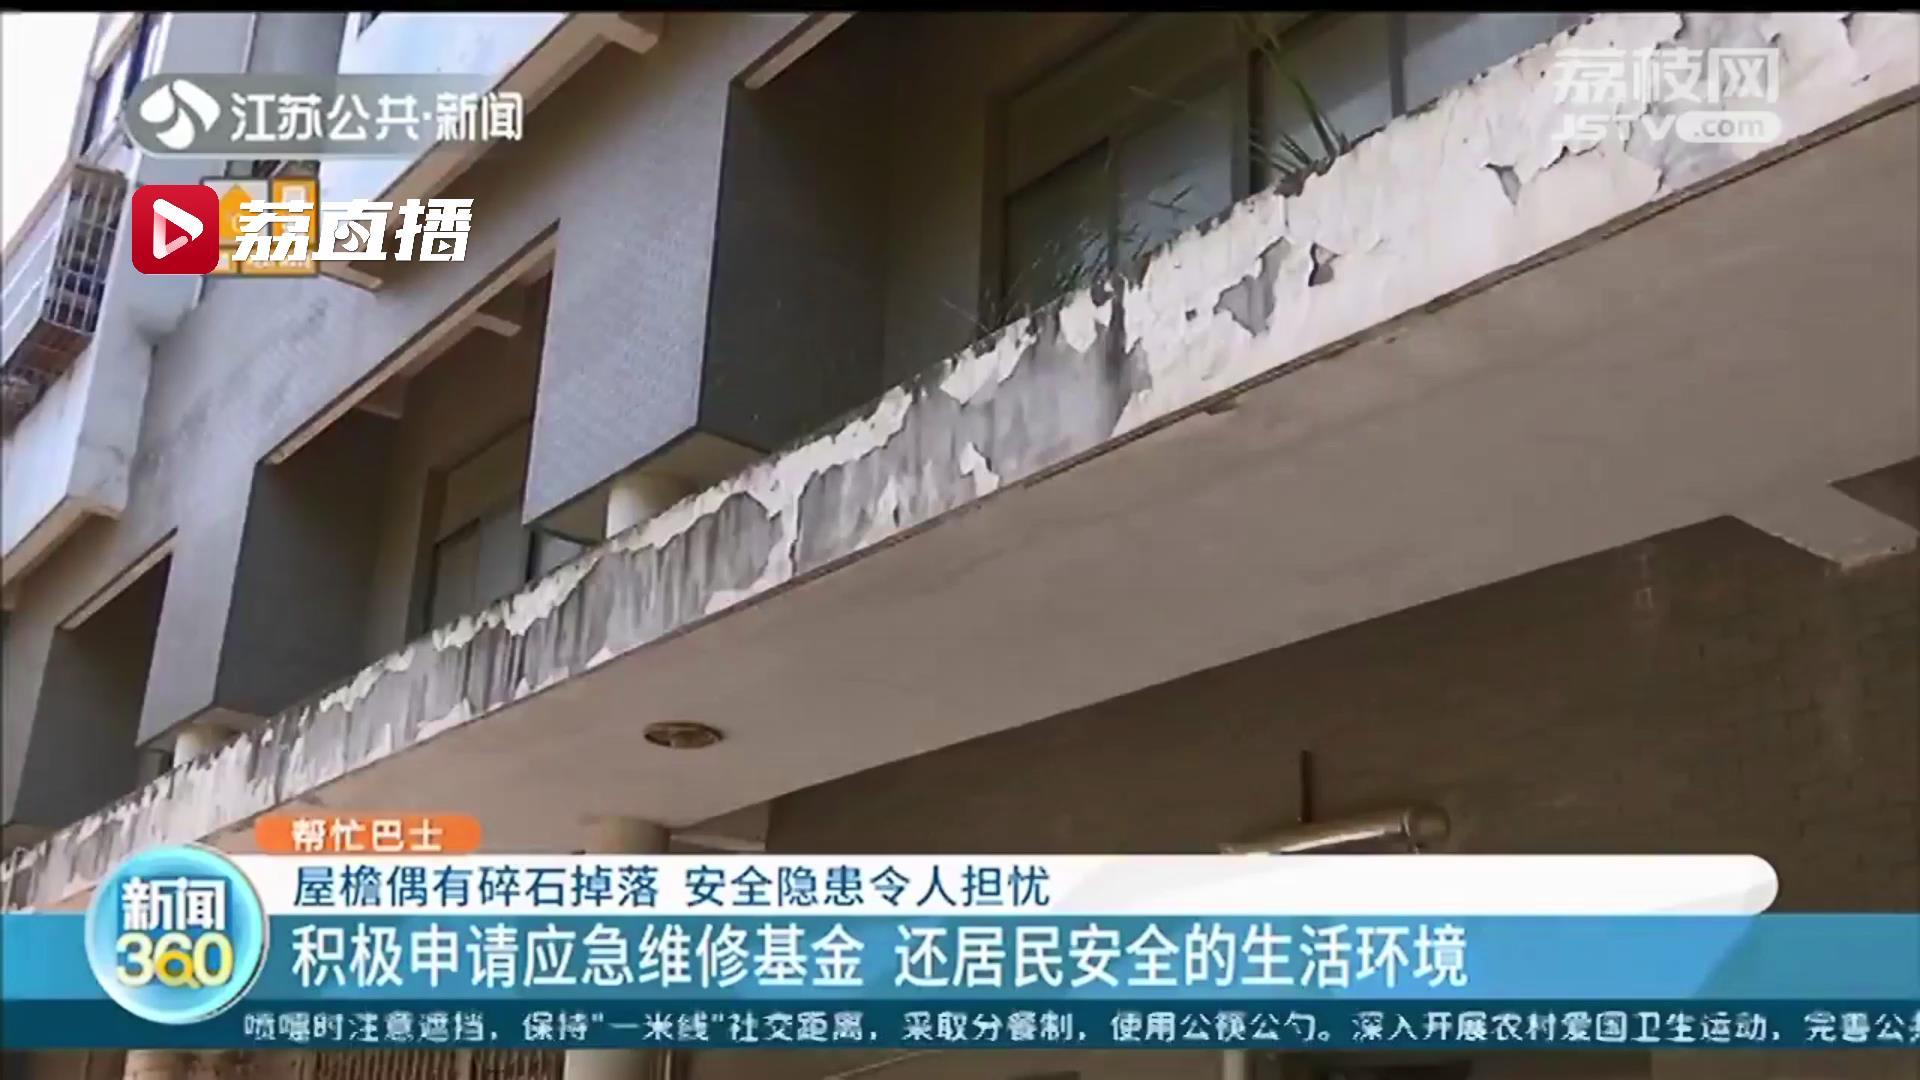 南京一小区屋檐偶有碎石掉落 安全隐患令人担忧